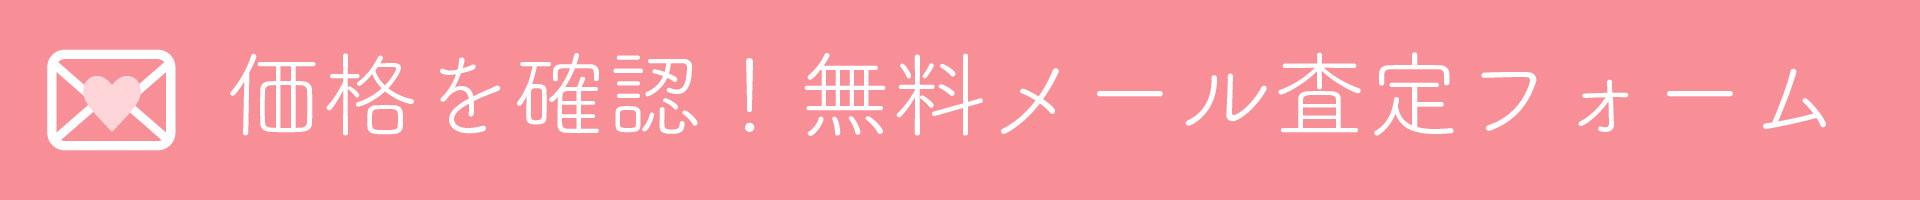 化粧品 査定フォーム